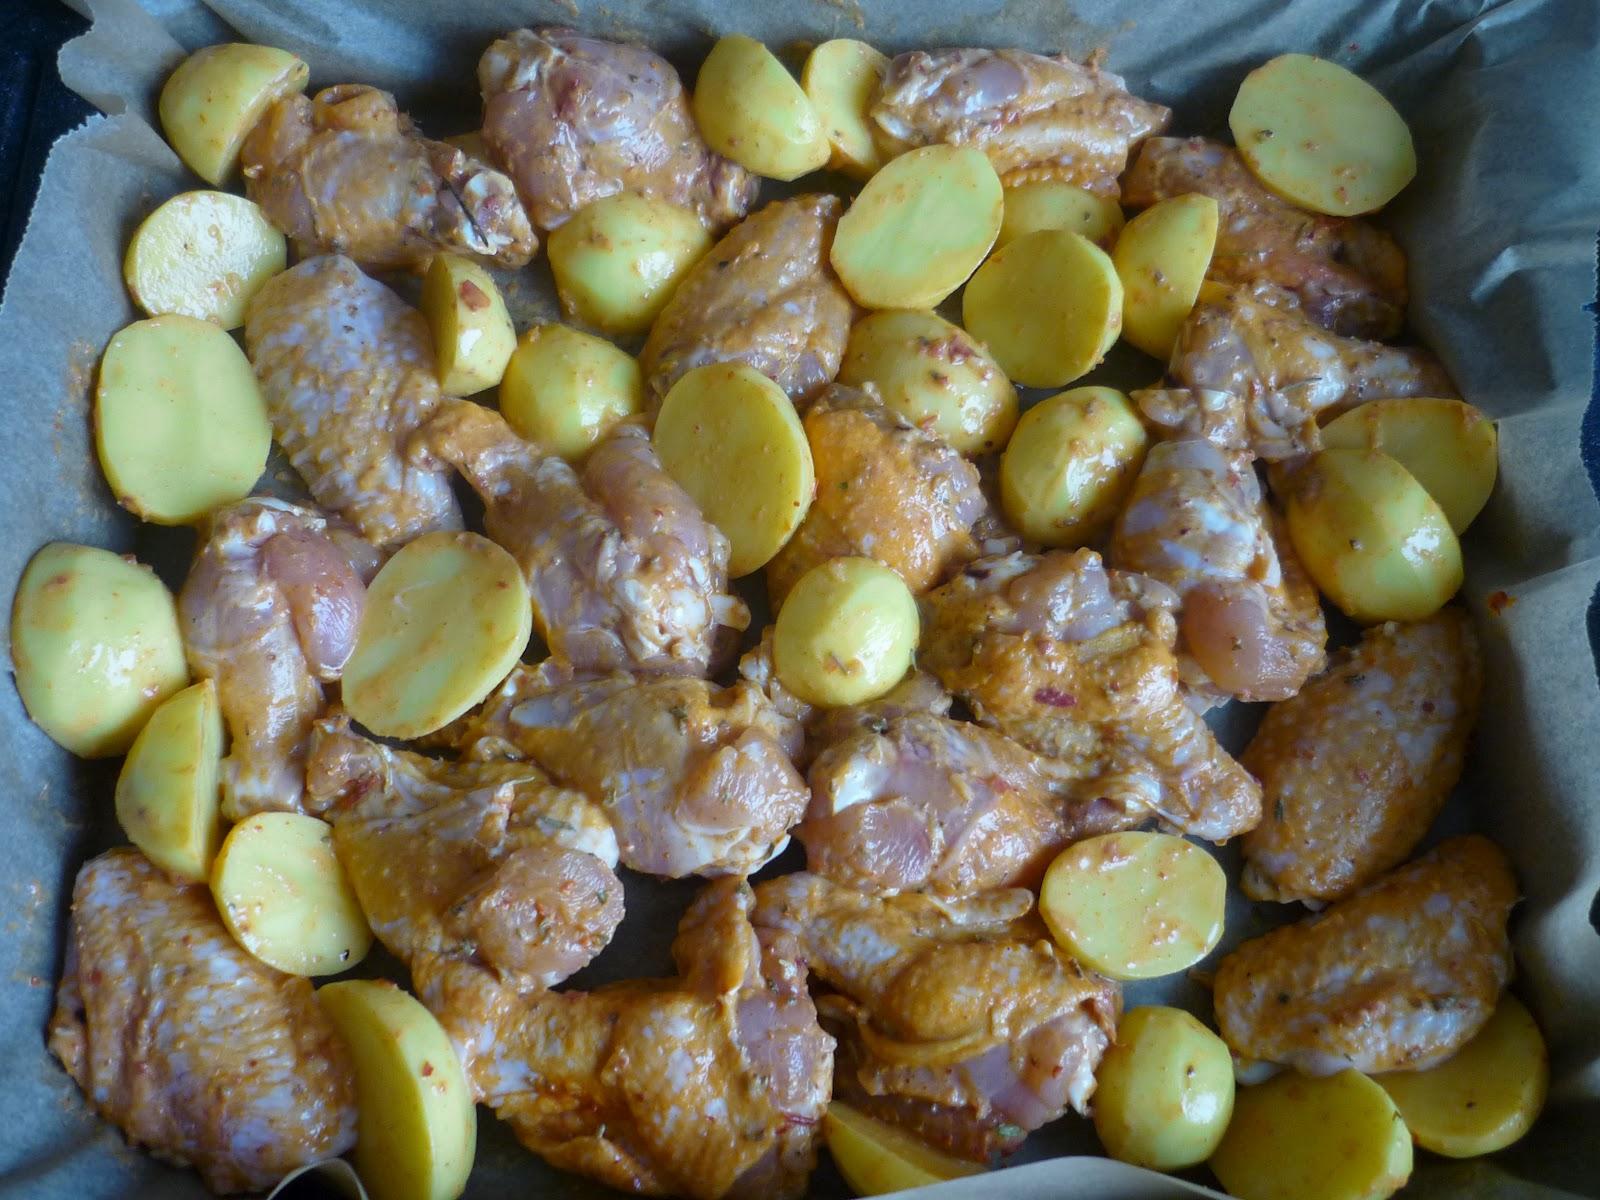 Fırında tavuk göğsü nasıl lezzetli, besleyici ve hızlı pişirilir